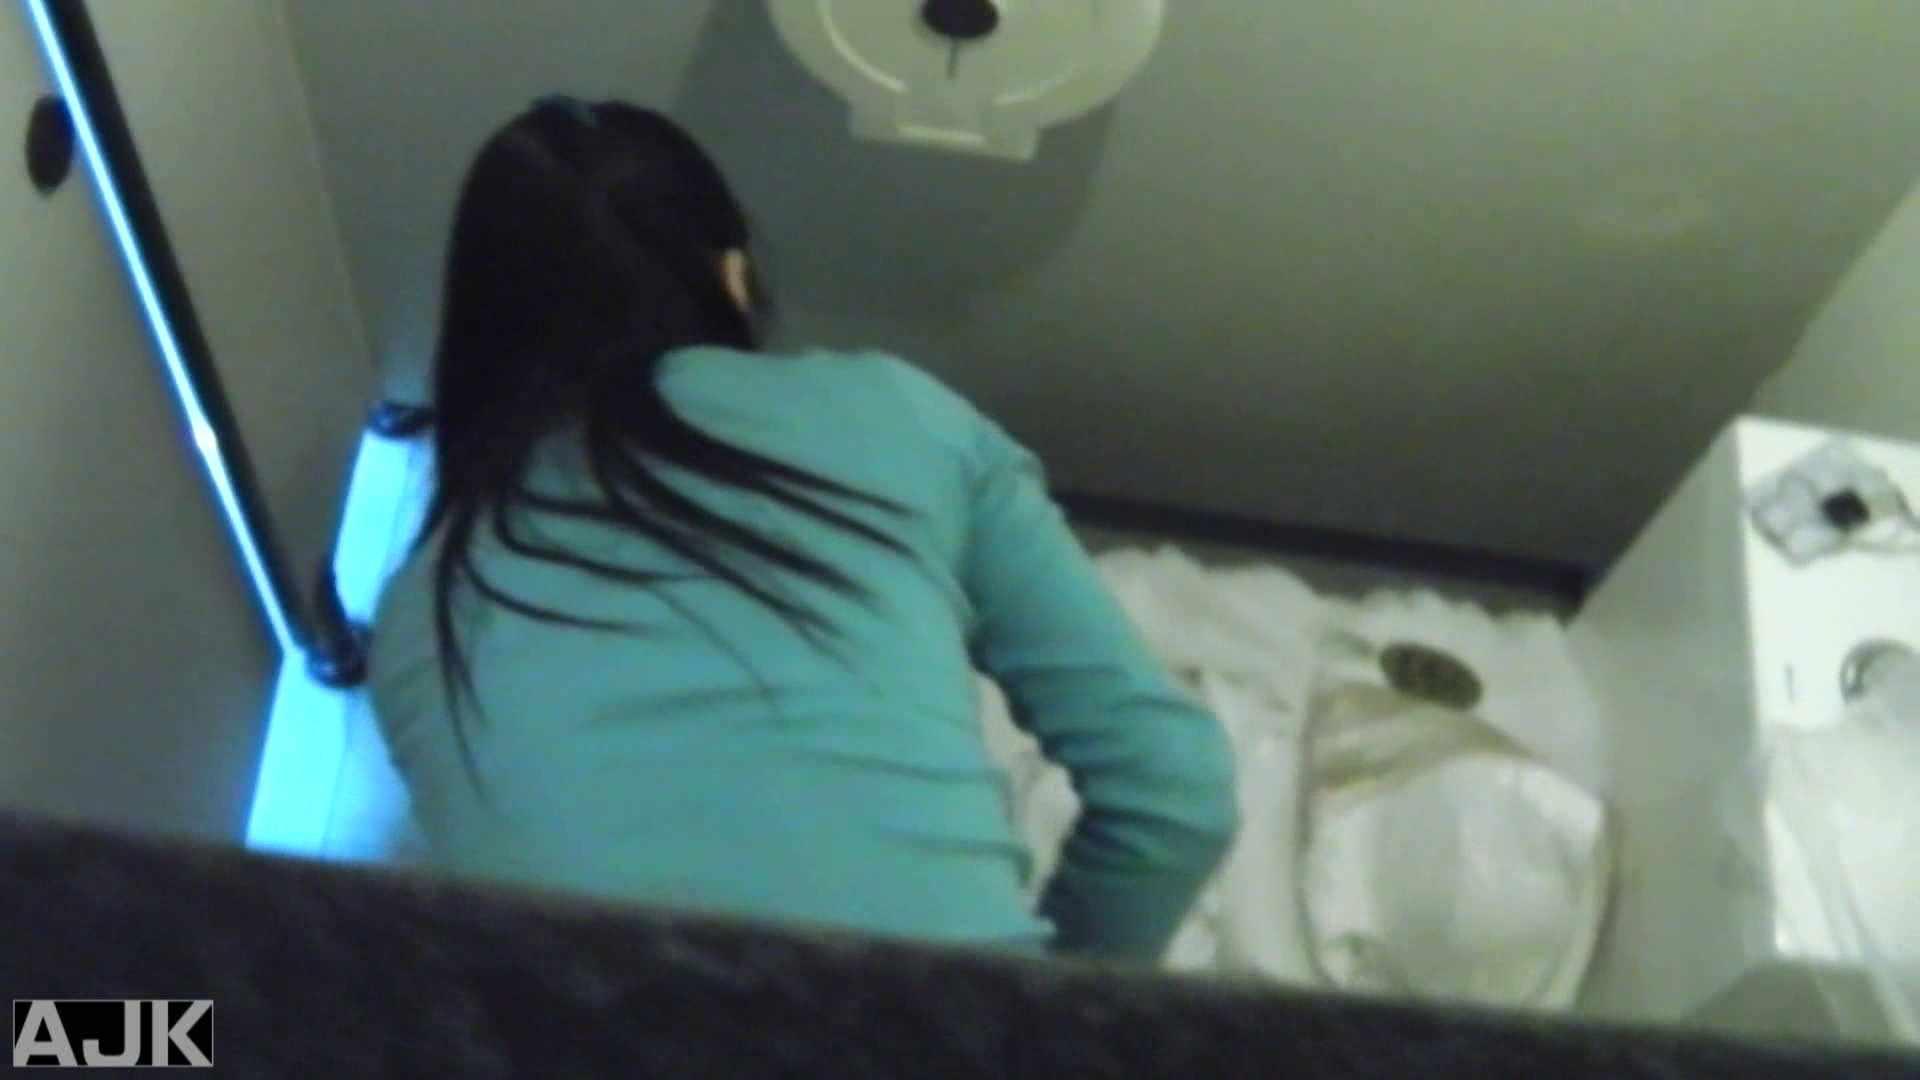 隣国上階級エリアの令嬢たちが集うデパートお手洗い Vol.22 いやらしいOL おまんこ動画流出 38連発 17